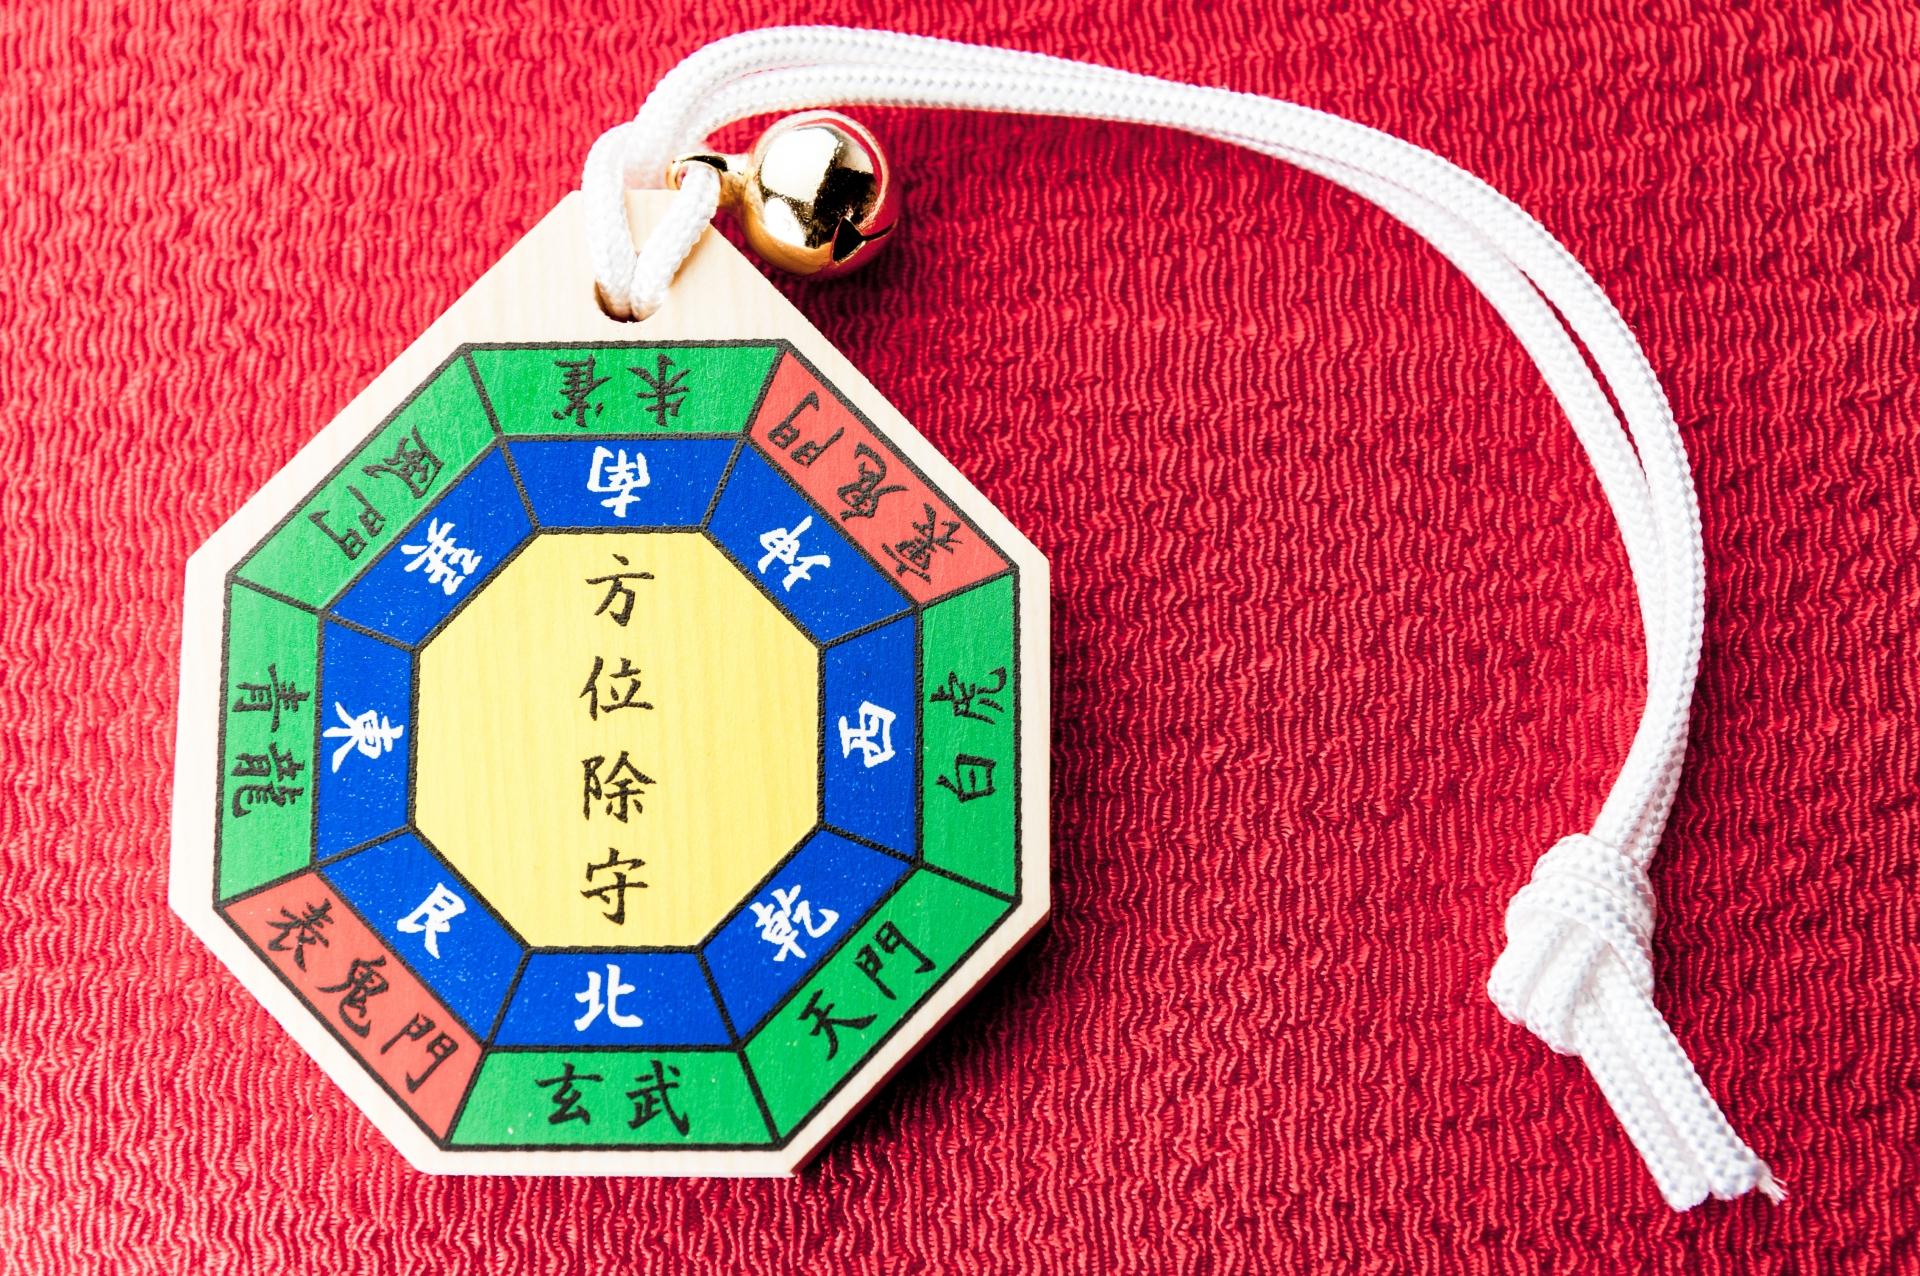 【四方八方】四と八という漢字の意味は?